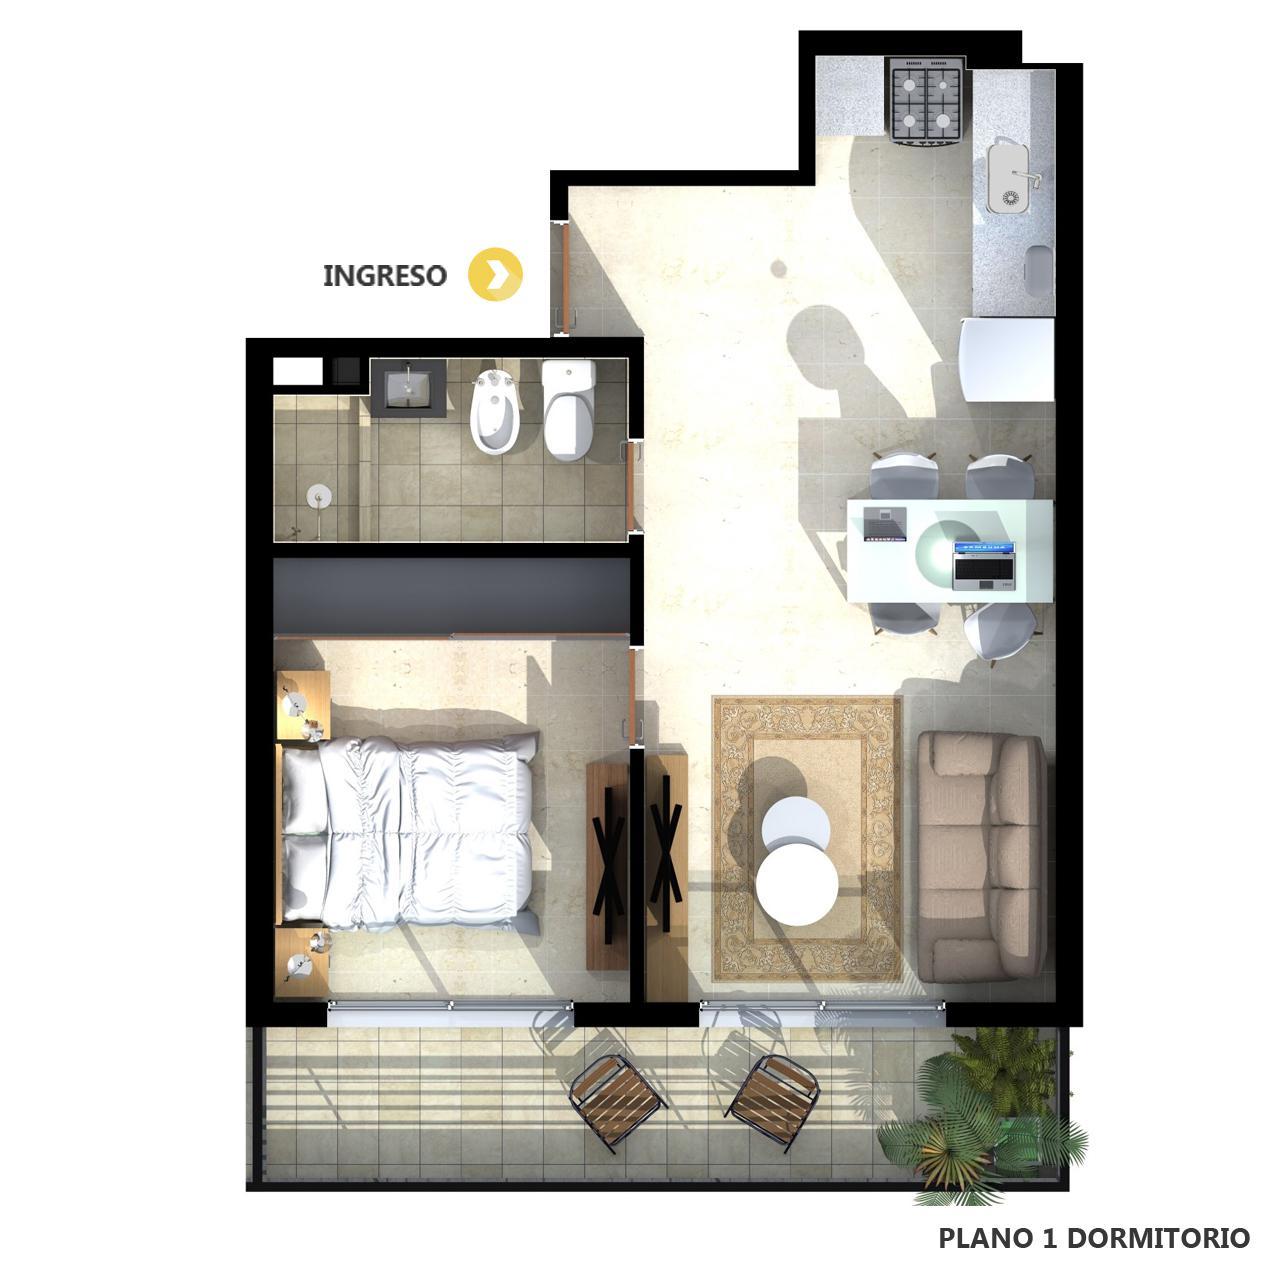 Venta departamento 1 dormitorio Rosario, Parque España. Cod CBU12472 AP2200067. Crestale Propiedades